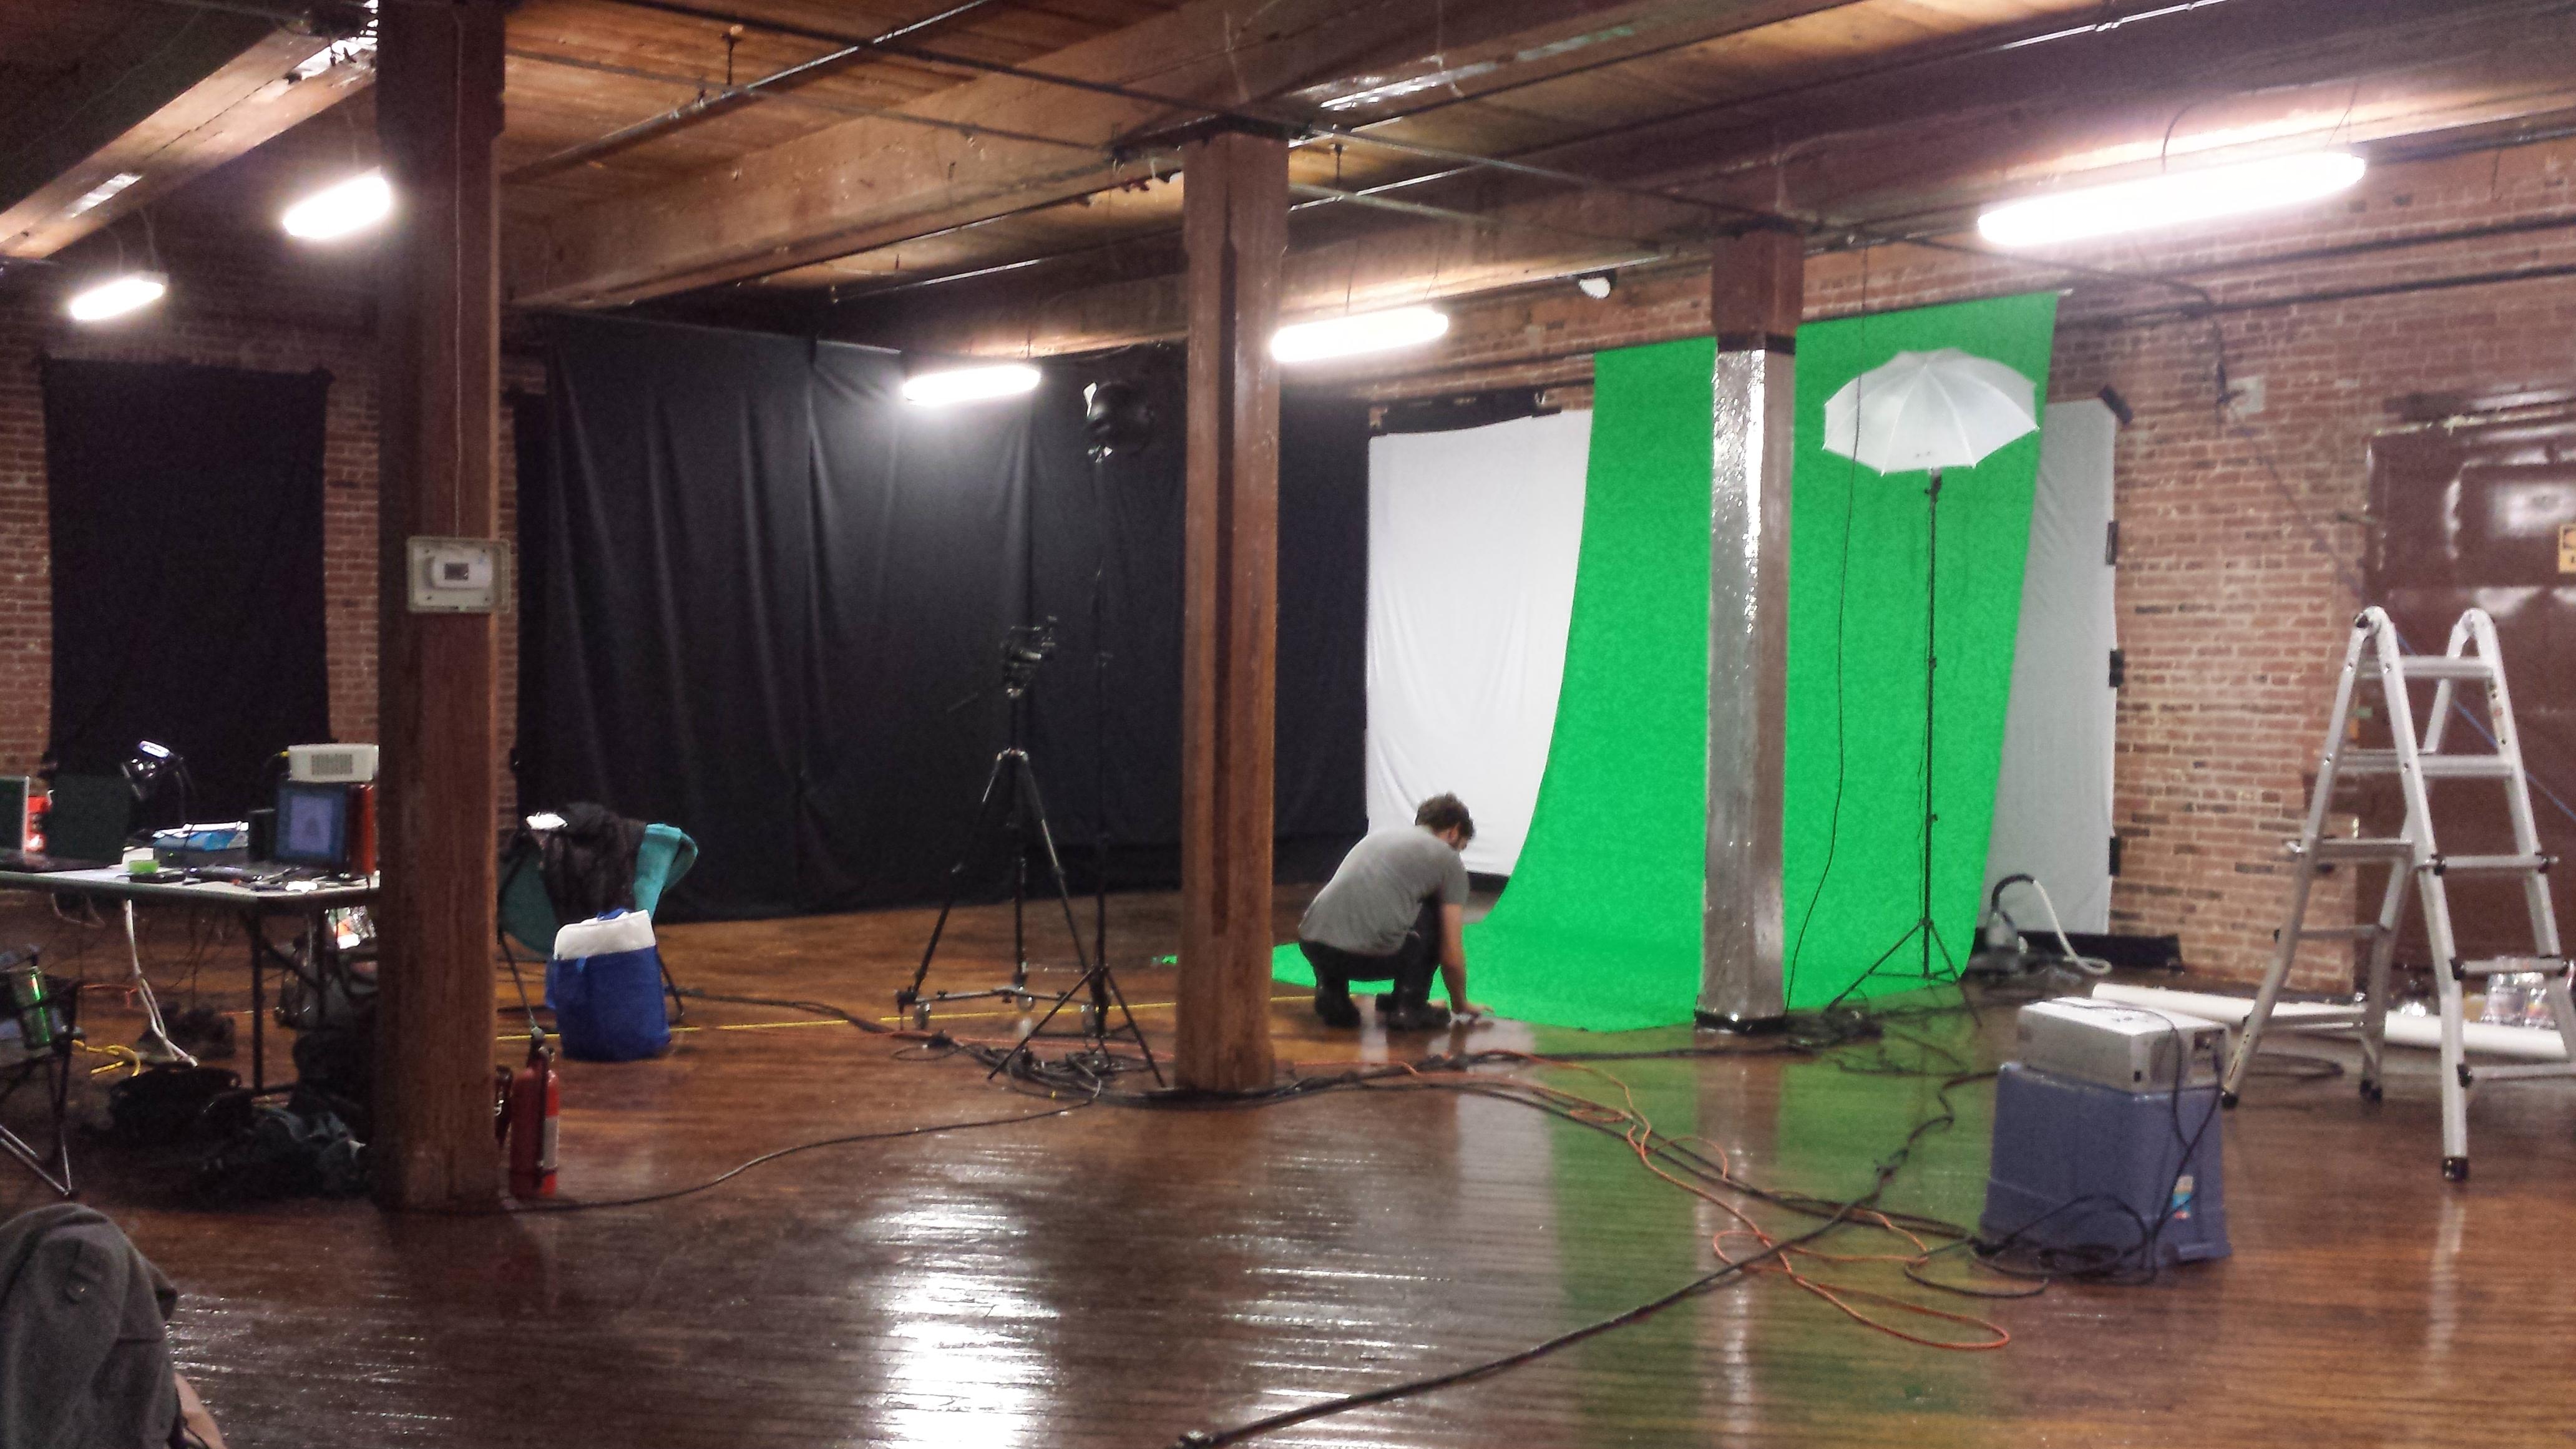 Porn studio pics